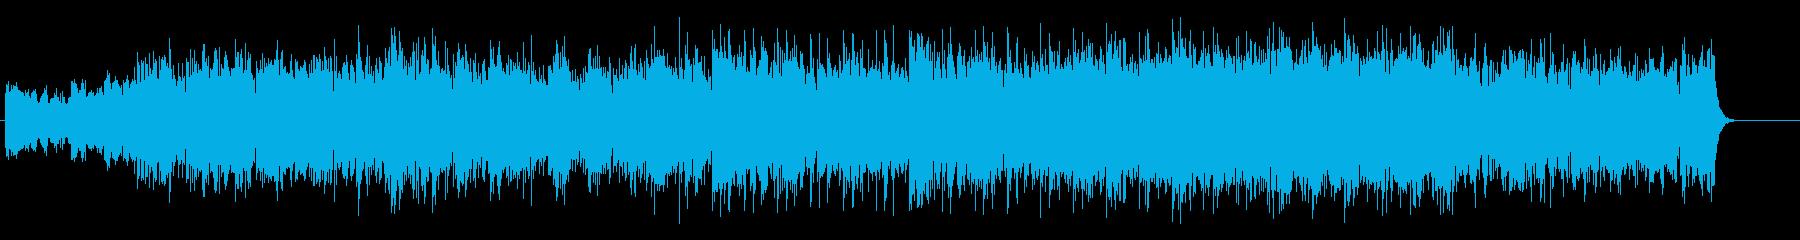 ドキュメント・大都会24時間の再生済みの波形